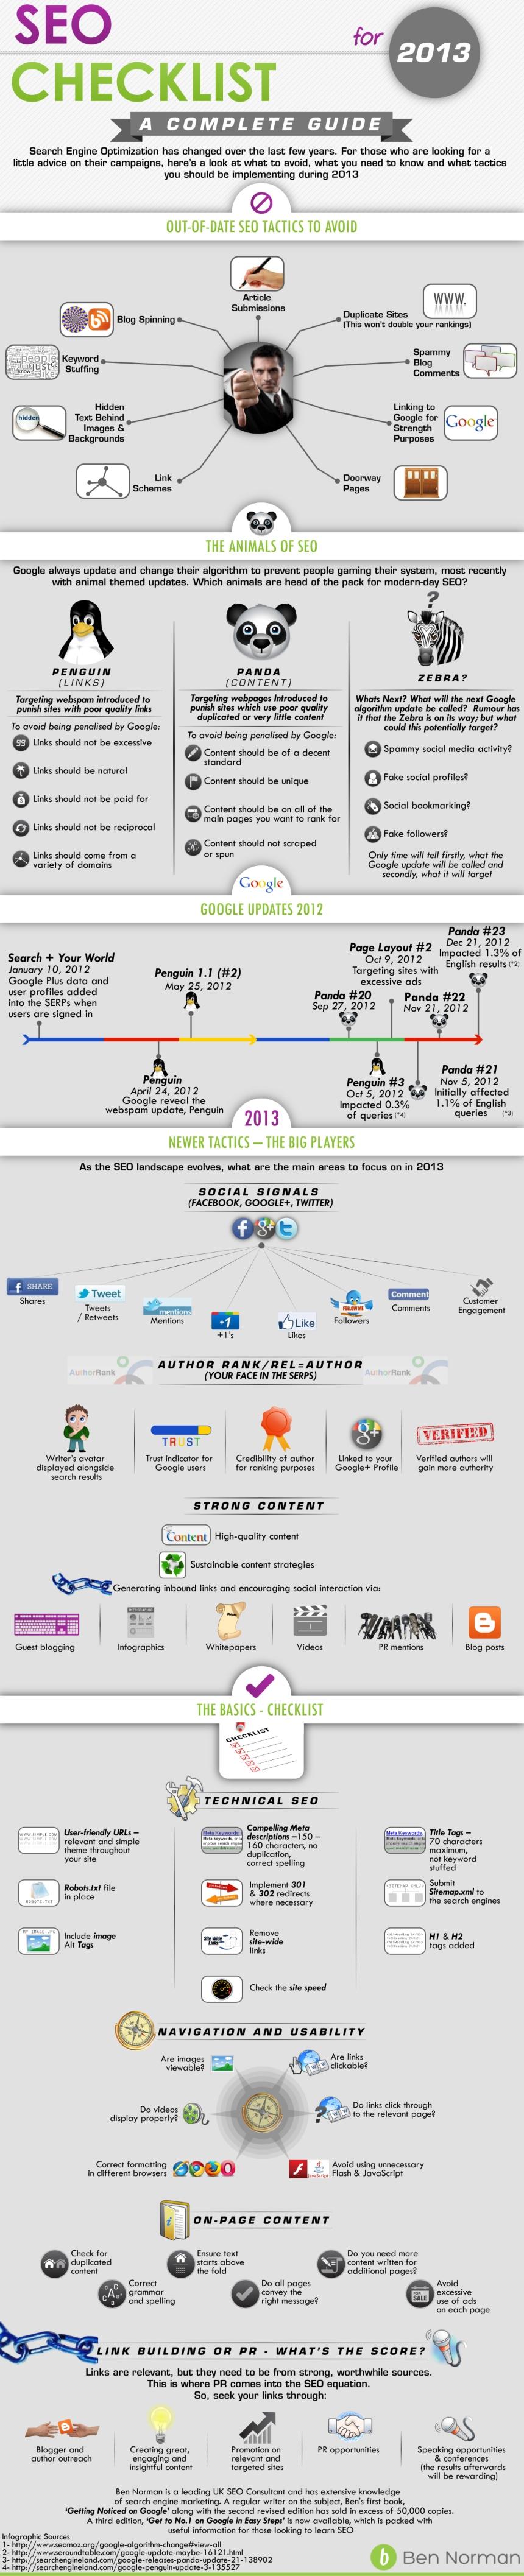 La guía definitiva del SEO para 2013